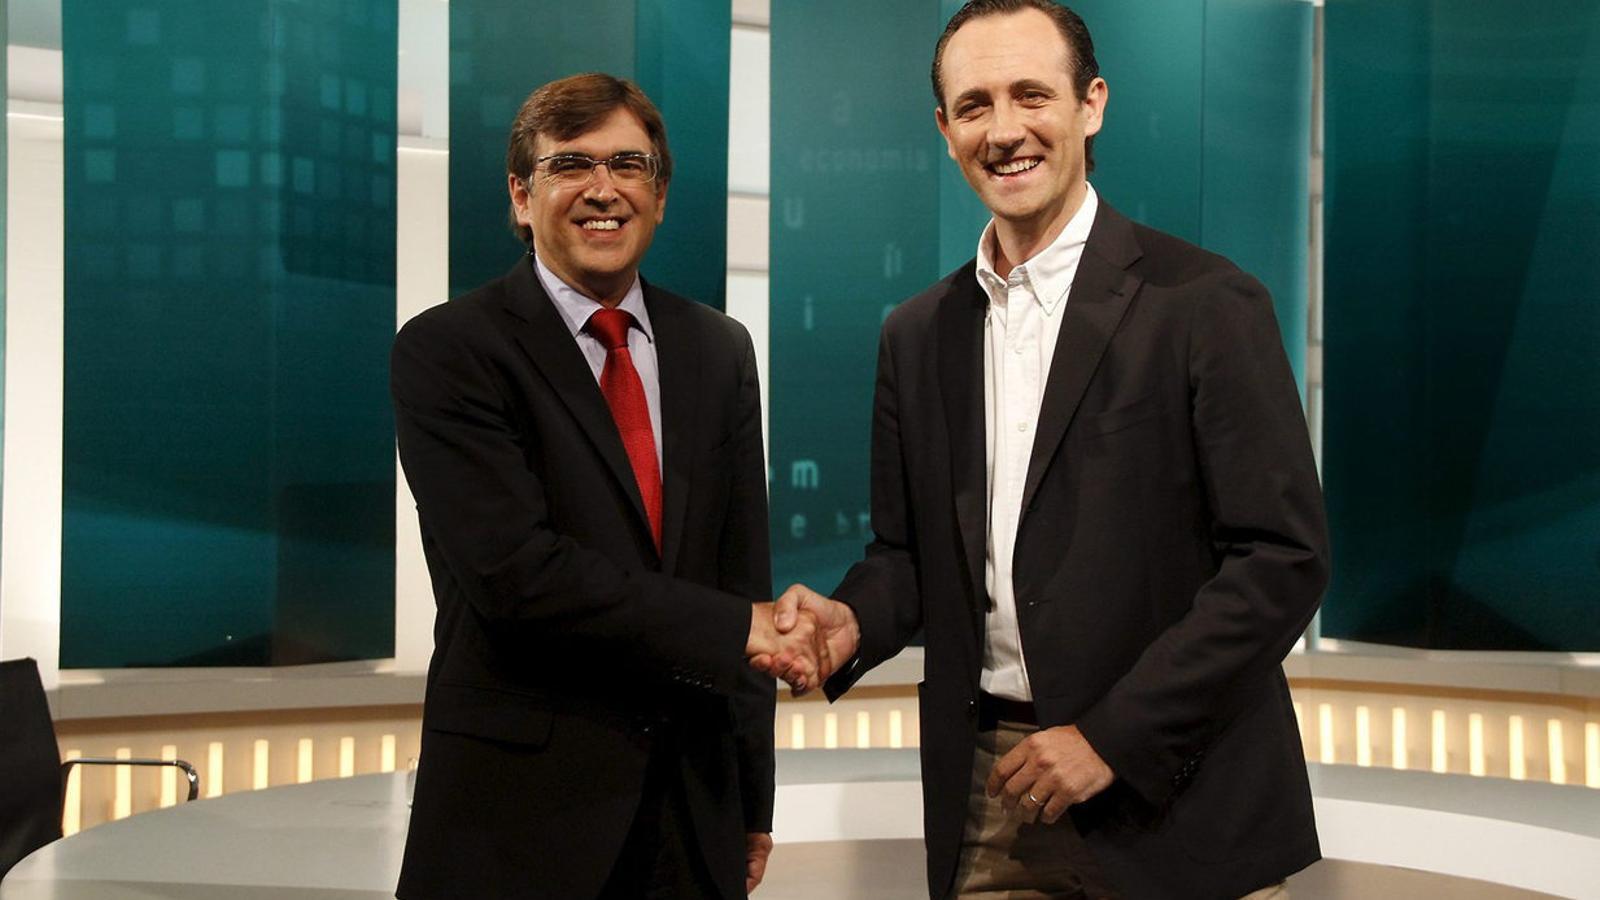 Els expresidents Francesc Antich i José Ramón Bauzá es donen la mà en una imatge d'arxiu.